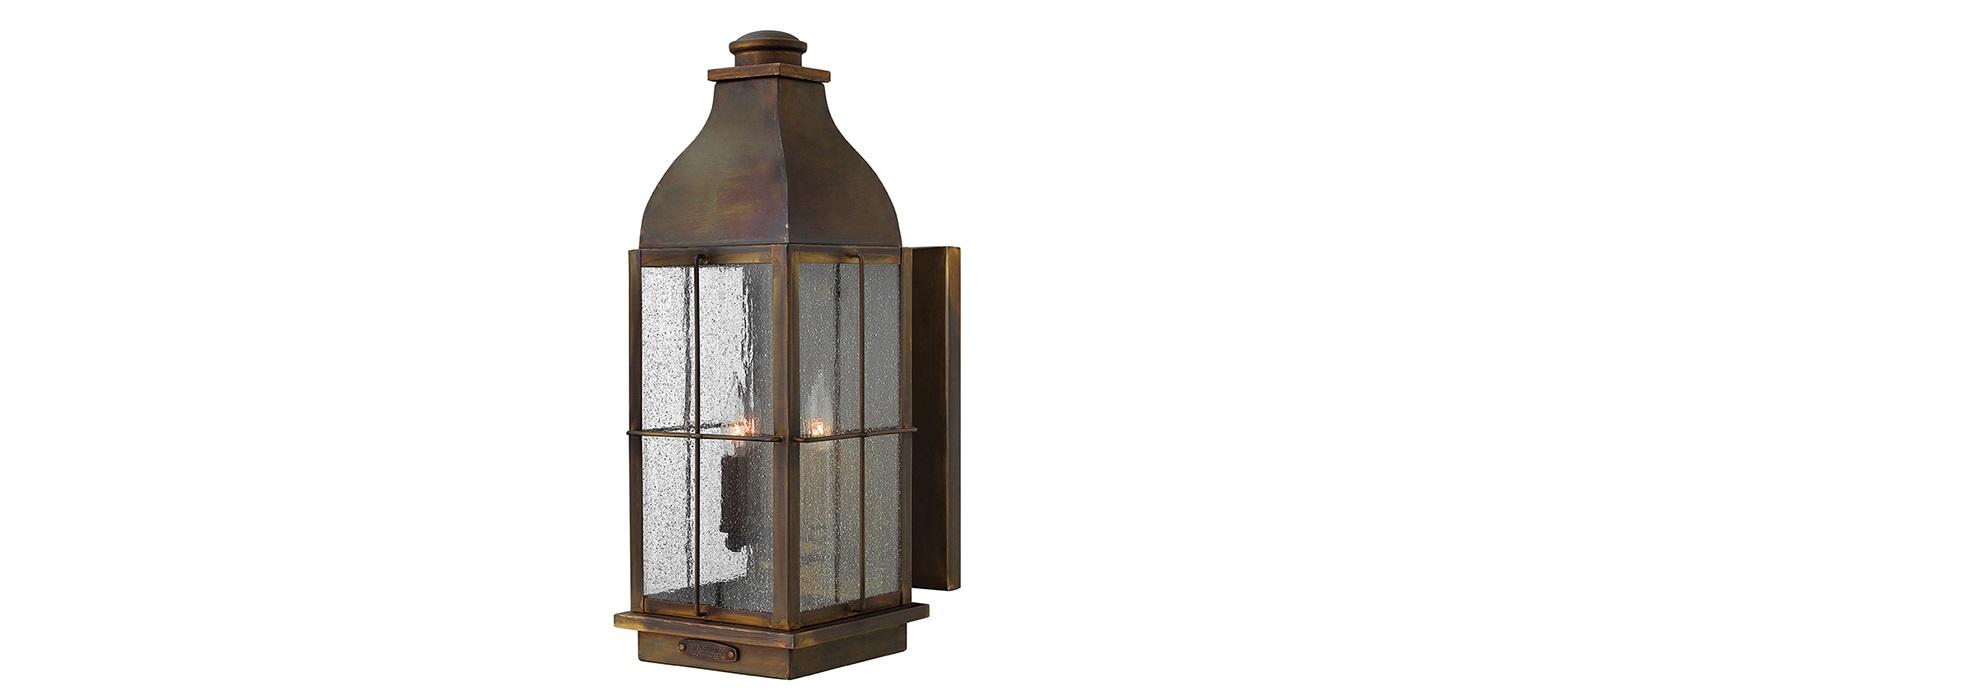 Настенный фонарь Hinkely LightingУличные настенные светильники<br>Цоколь: E14.&amp;lt;div&amp;gt;Мощность: 60W.&amp;amp;nbsp;&amp;lt;/div&amp;gt;&amp;lt;div&amp;gt;Количество ламп: 3.&amp;amp;nbsp;&amp;lt;/div&amp;gt;&amp;lt;div&amp;gt;&amp;lt;br&amp;gt;&amp;lt;/div&amp;gt;<br><br>Material: Металл<br>Ширина см: 20<br>Высота см: 53